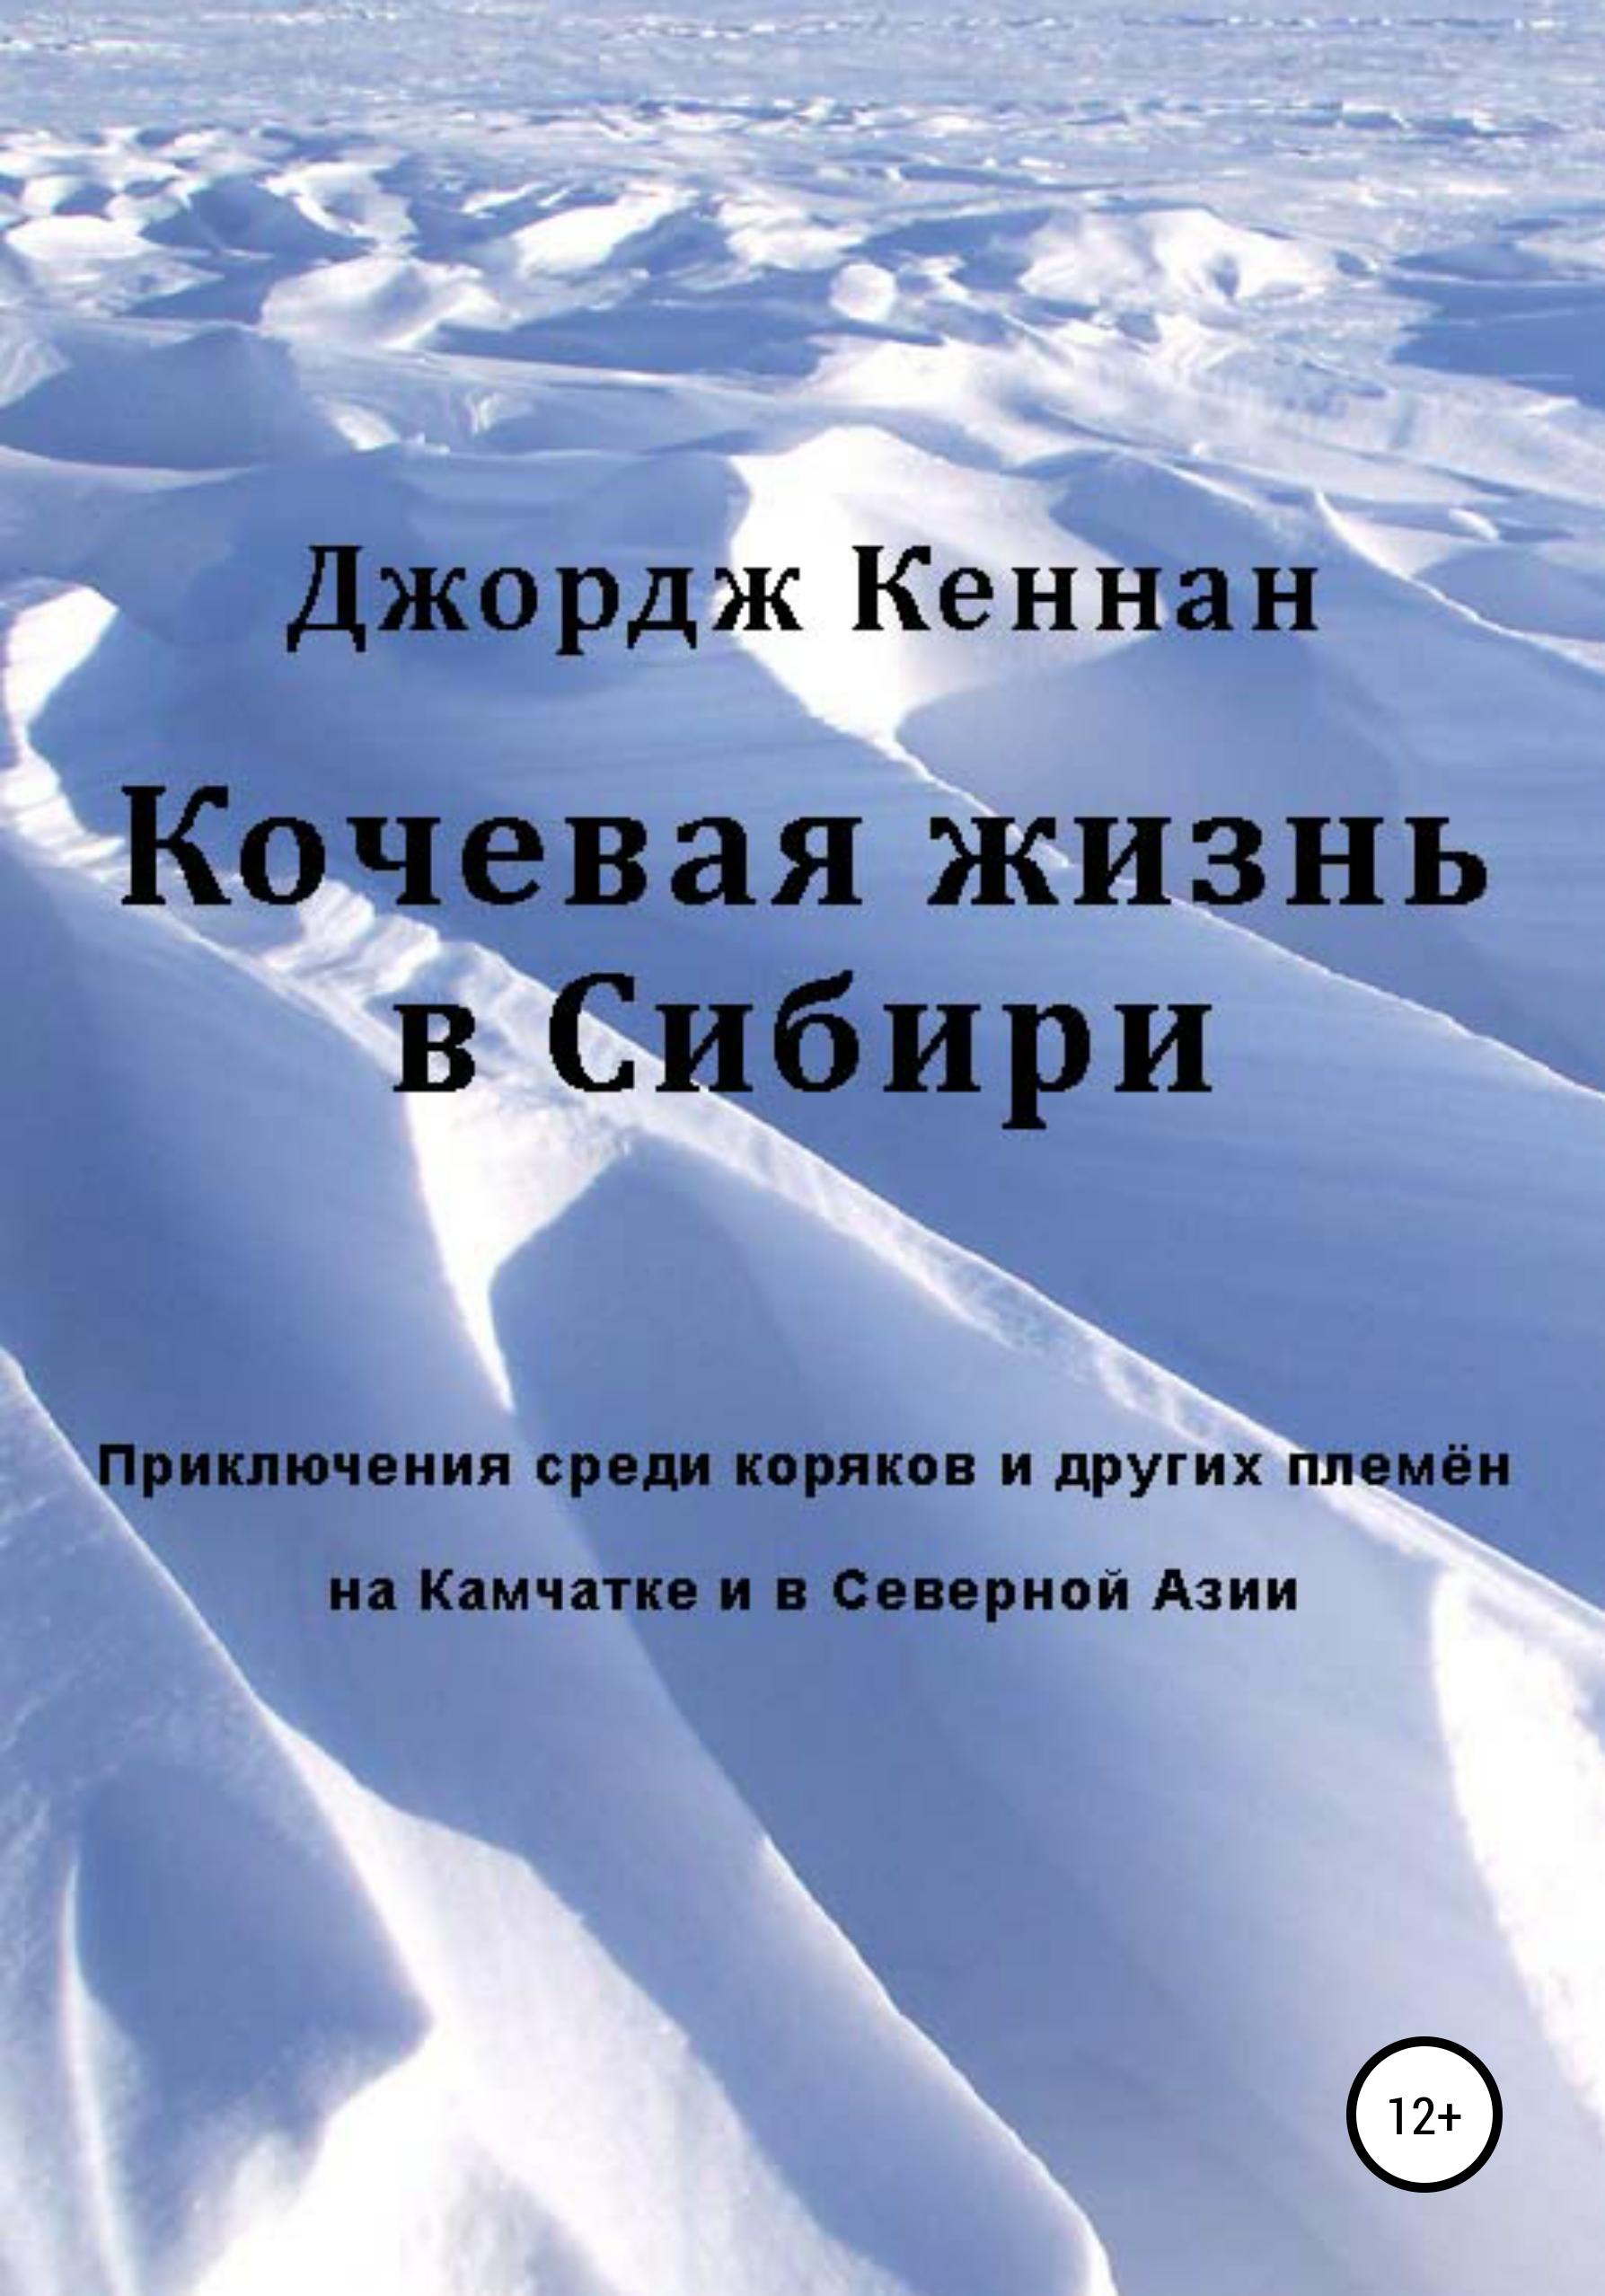 Купить книгу Кочевая жизнь в Сибири, автора Джорджа Кеннана